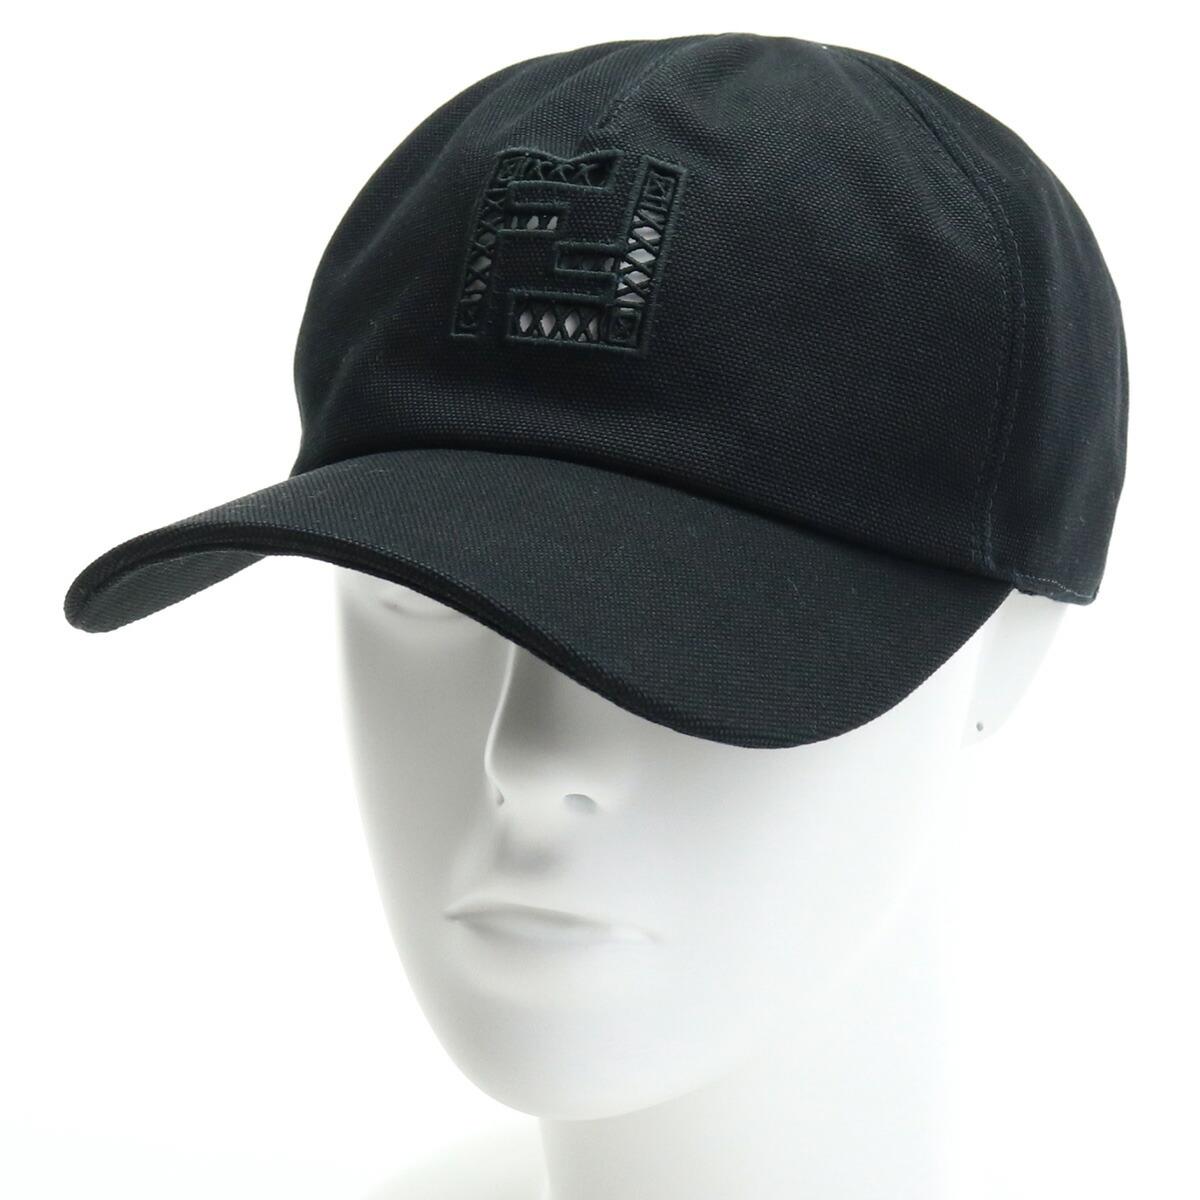 フェンディ FENDI  メンズ-帽子類 ブランドロゴ キャップ ブランドキャップ FXQ768 AFHD F0QA1 ブラック bos-15 cap-01